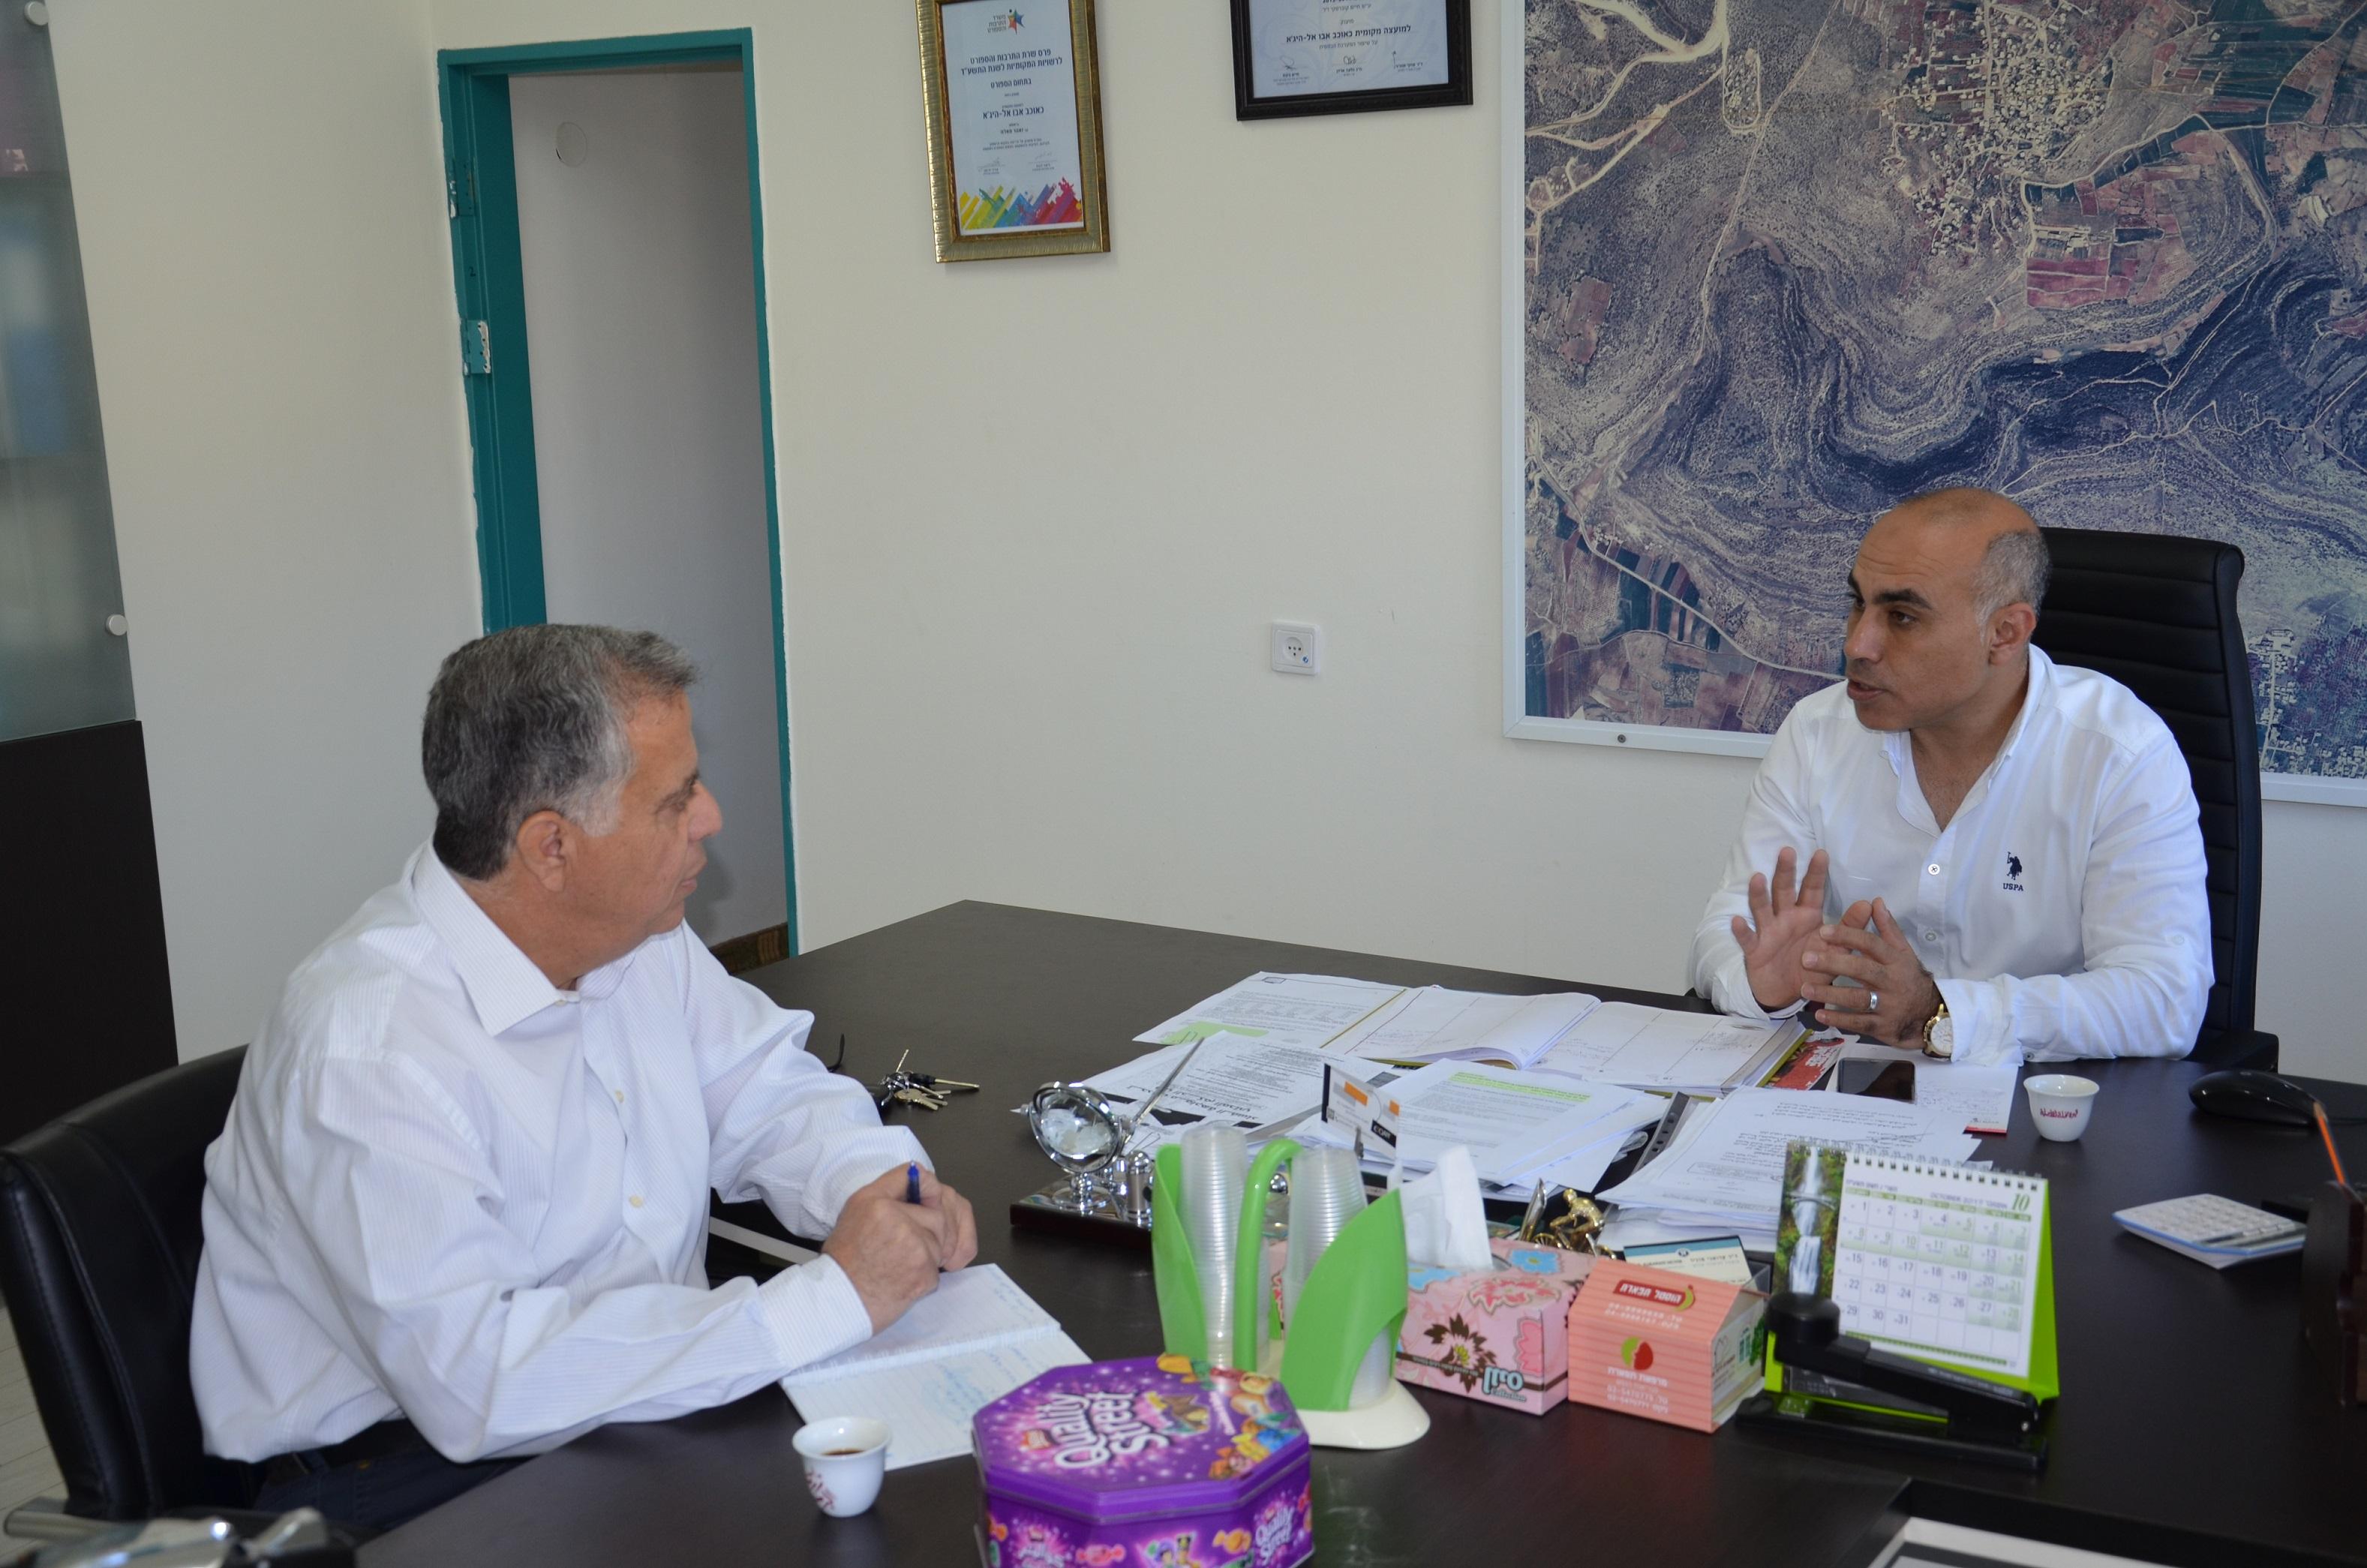 زاهرصالح رئيس مجلس محلي كوكب يستقبل كايد ظاهر الناطق بلسان سلطة الاطفاء في جلسة عمل